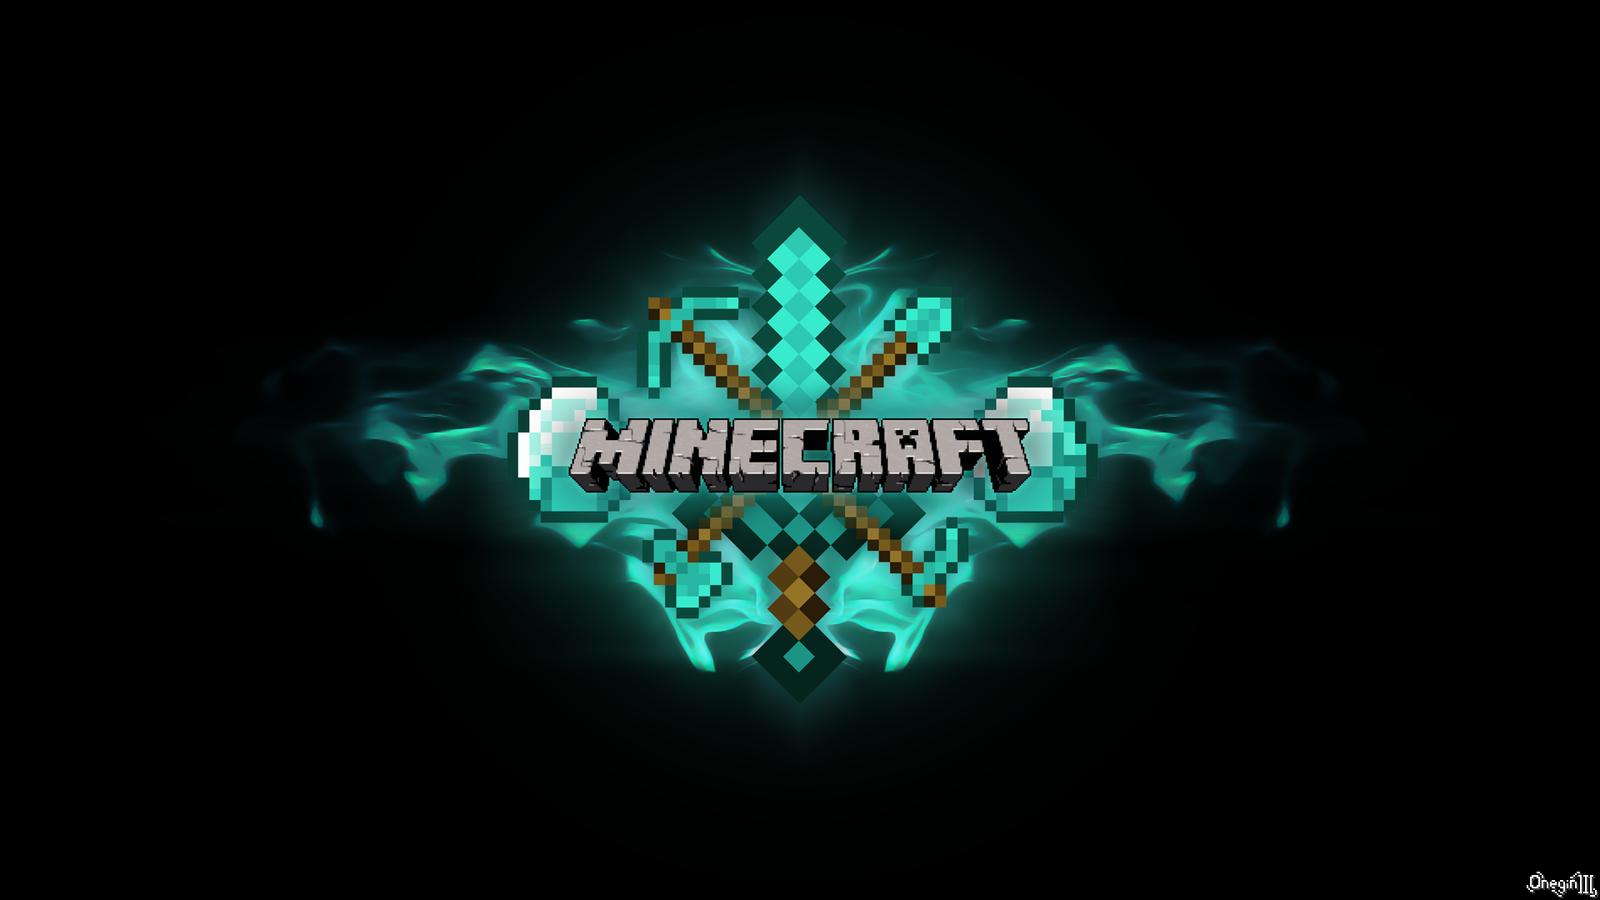 Top Wallpaper Minecraft War - 255c07c1249ade8daa63e3bb15f54fc0  Pic_142187.png